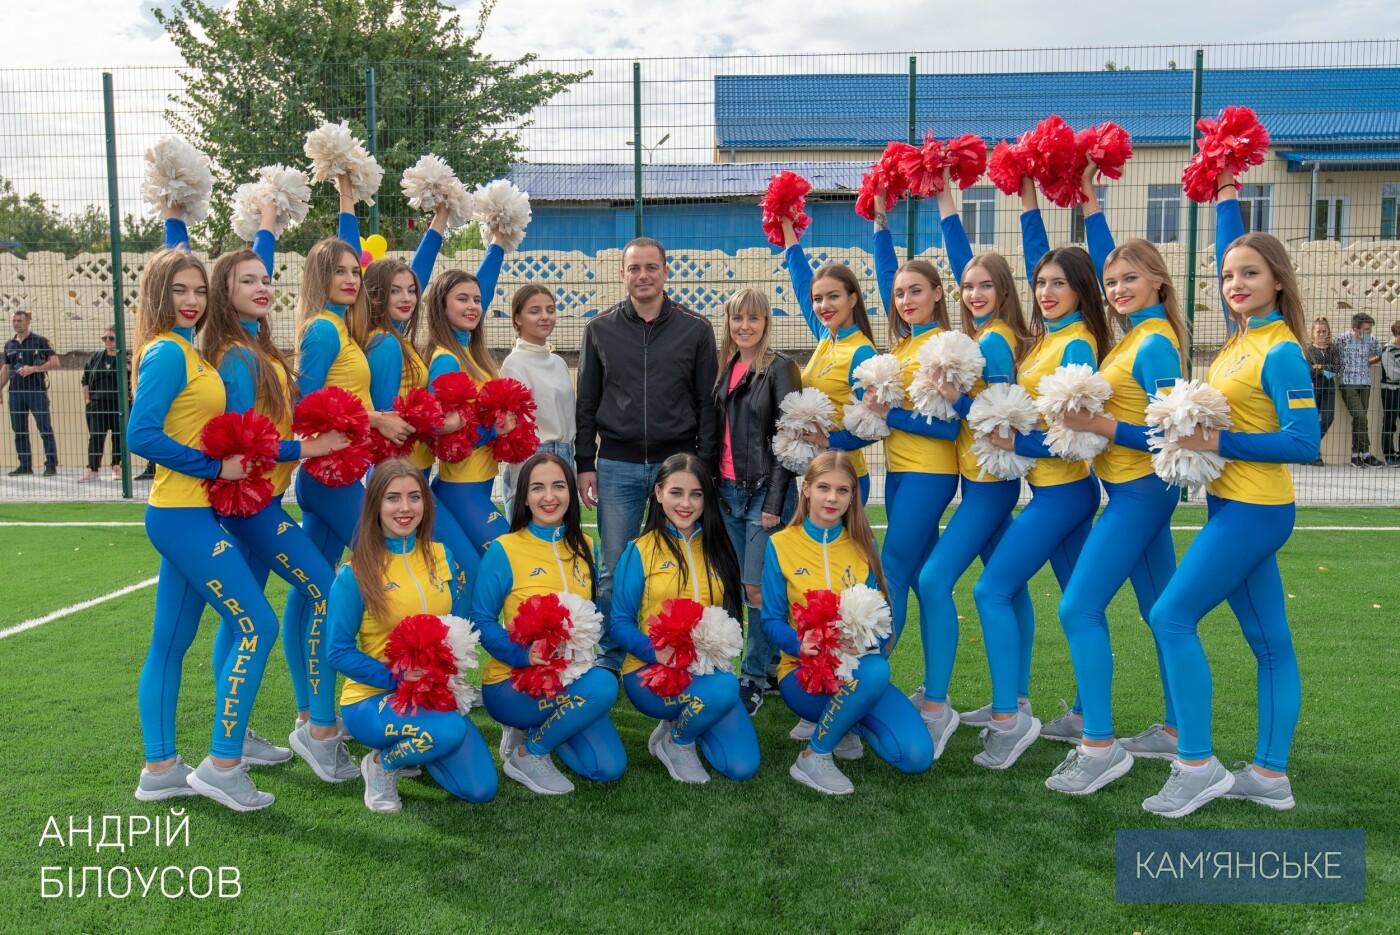 В Карнауховке открыли многофункциональный спортивный комплекс, фото-2